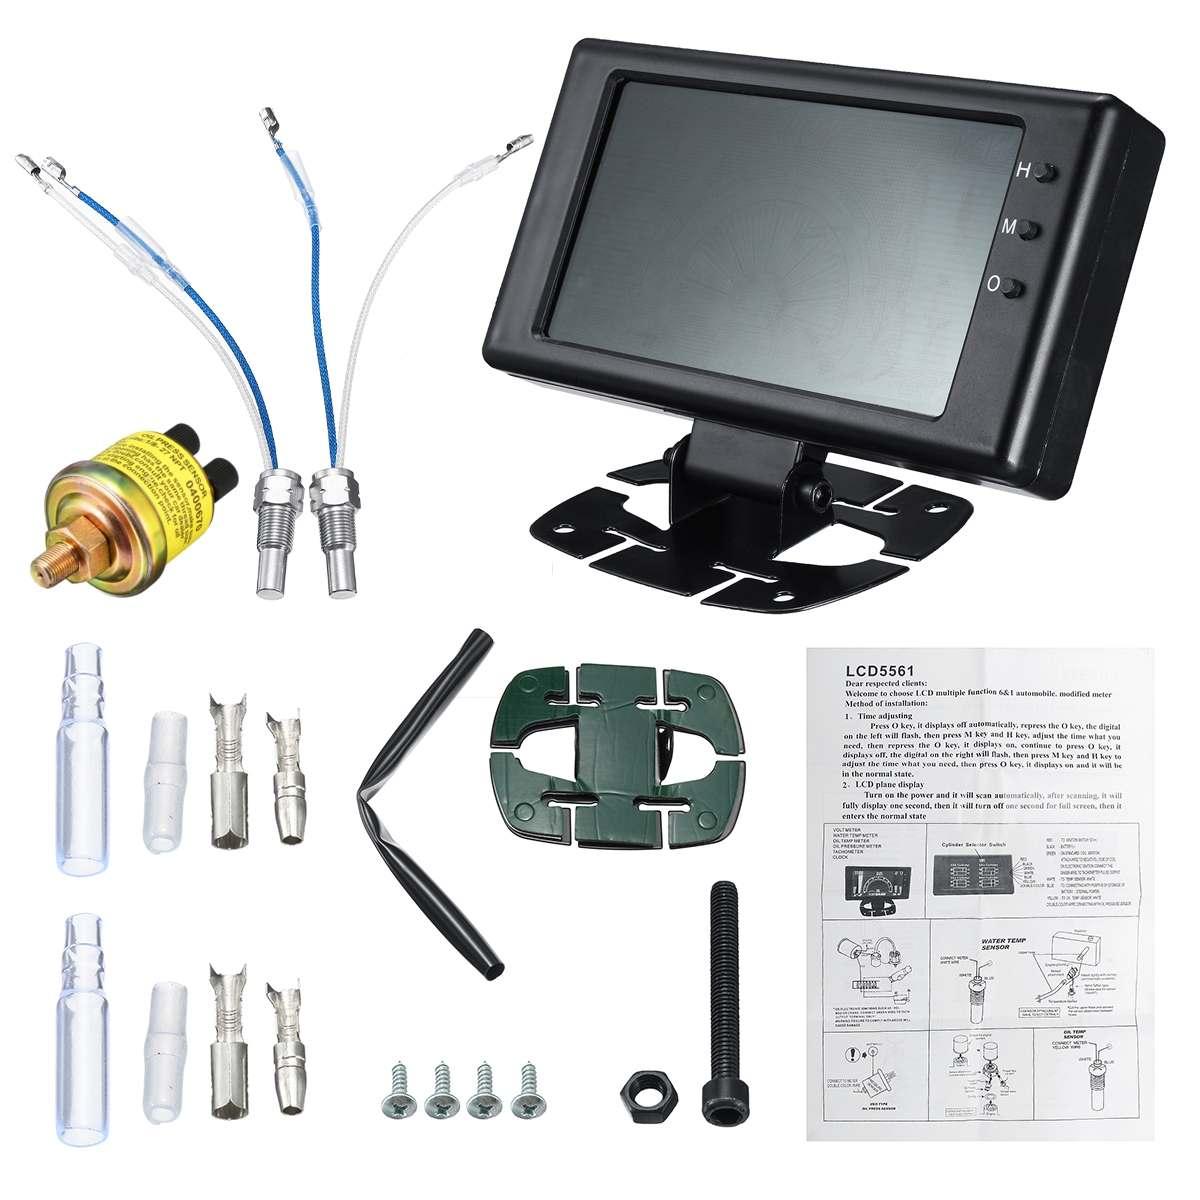 Voiture chaude 6 en 1 LCD voiture jauge numérique pression d'huile tension température de l'eau température de l'huile tachymètre RPM 8-18V